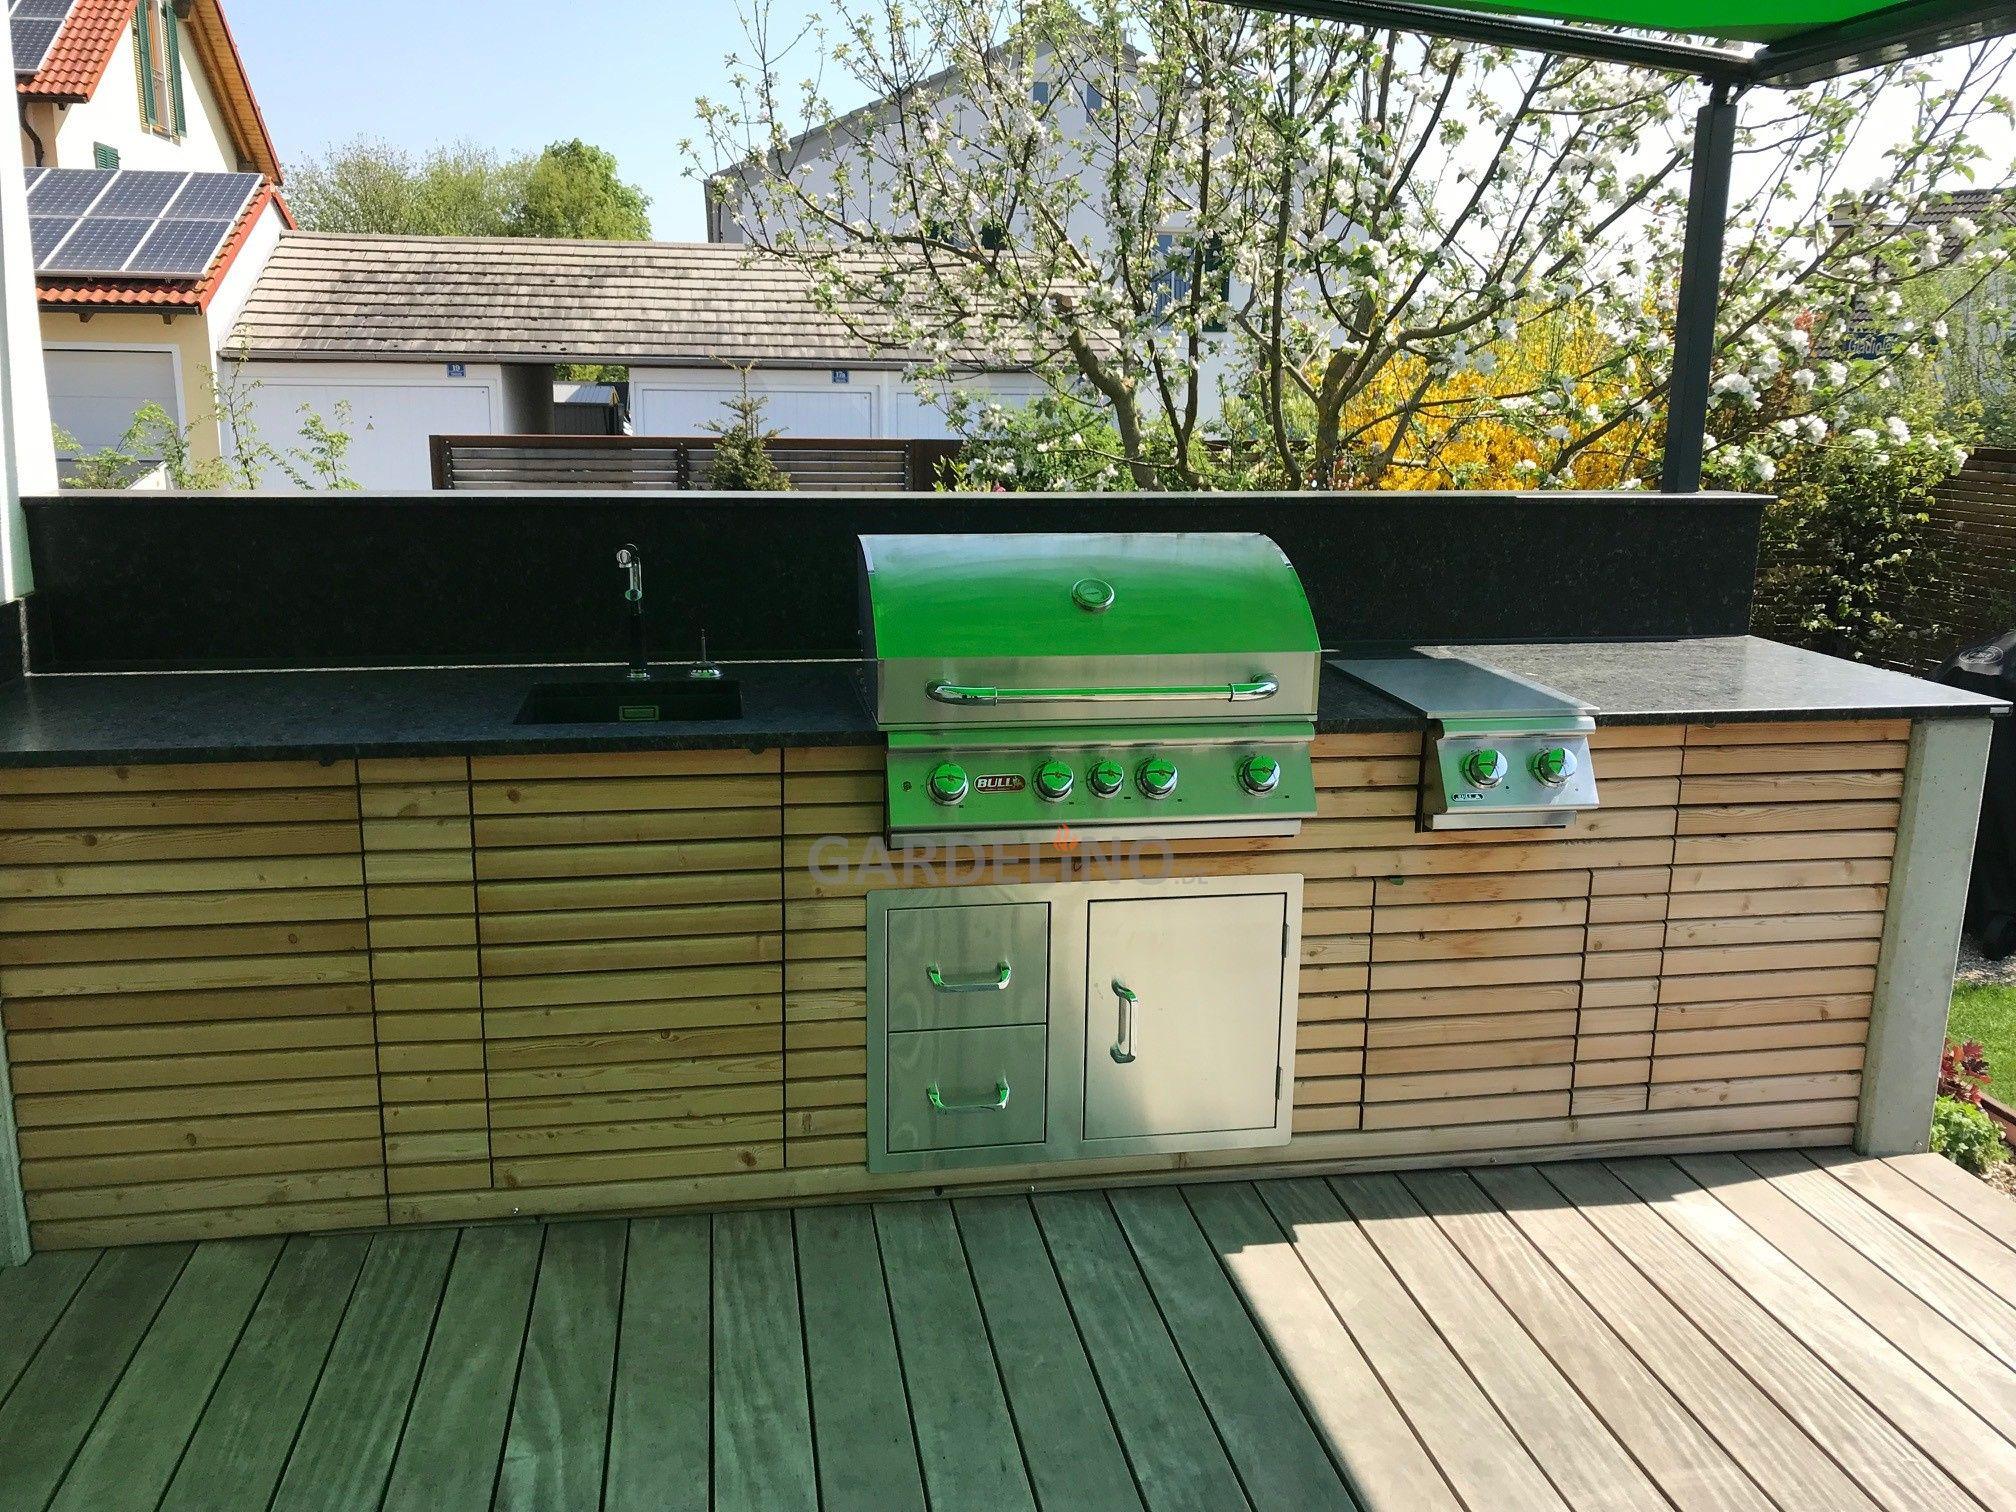 Outdoorküche Bausatz Holz : Inspiration outdoorküche aus holz mit bull bbq grill und